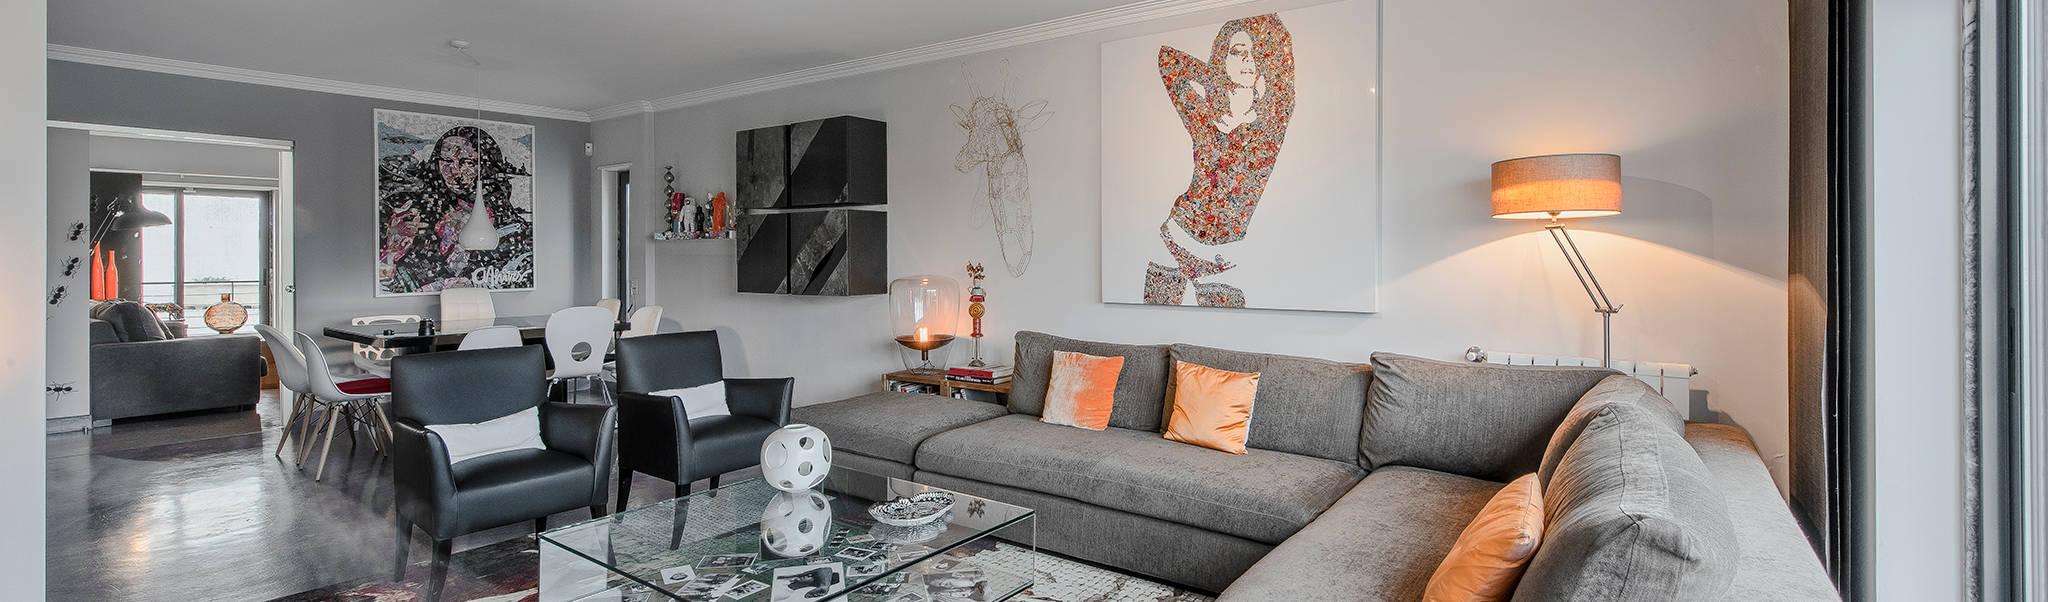 ARQ1to1—Arquitectura, Interiores e Decoração